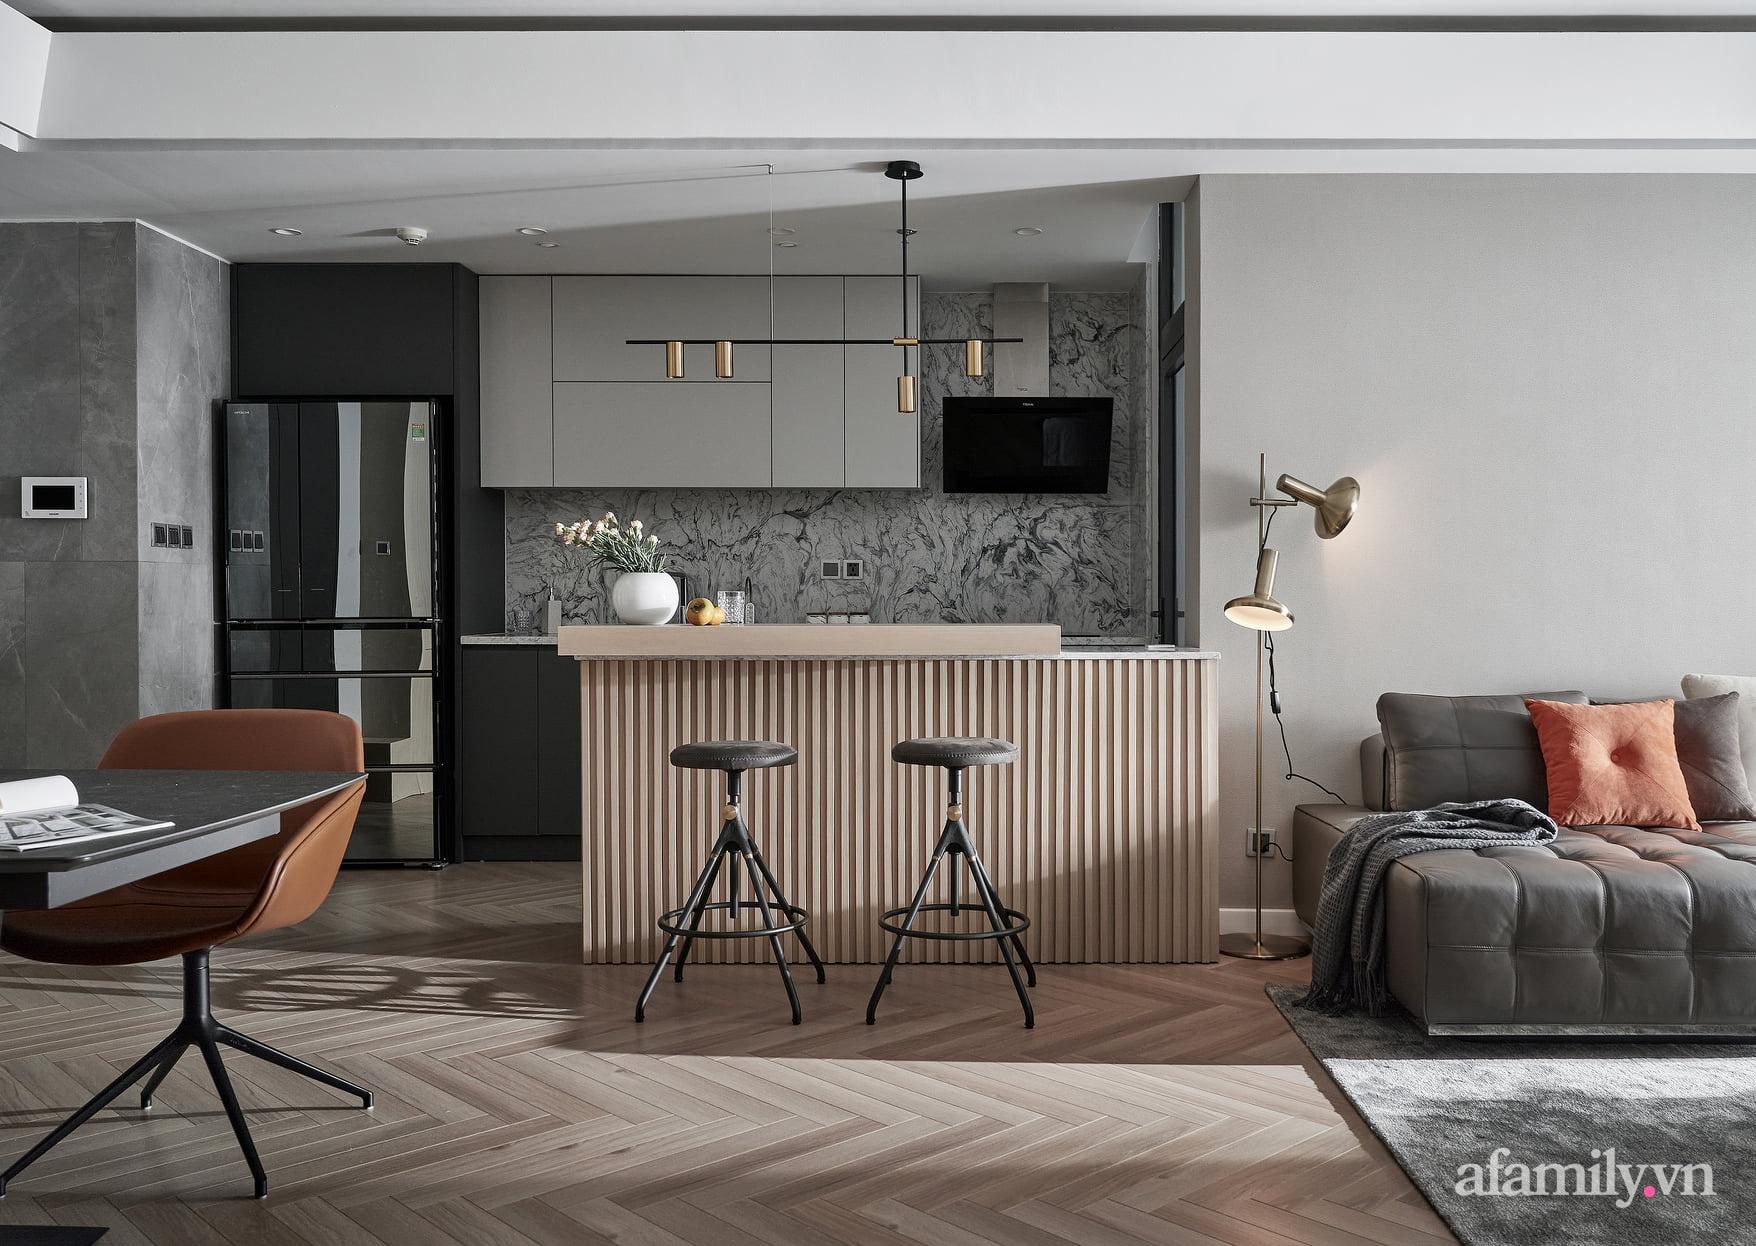 """Kiến trúc sư Hà Nội """"bật mí"""" về tam giác công năng và những điều cần lưu ý khi thiết kế bếp - Ảnh 4."""